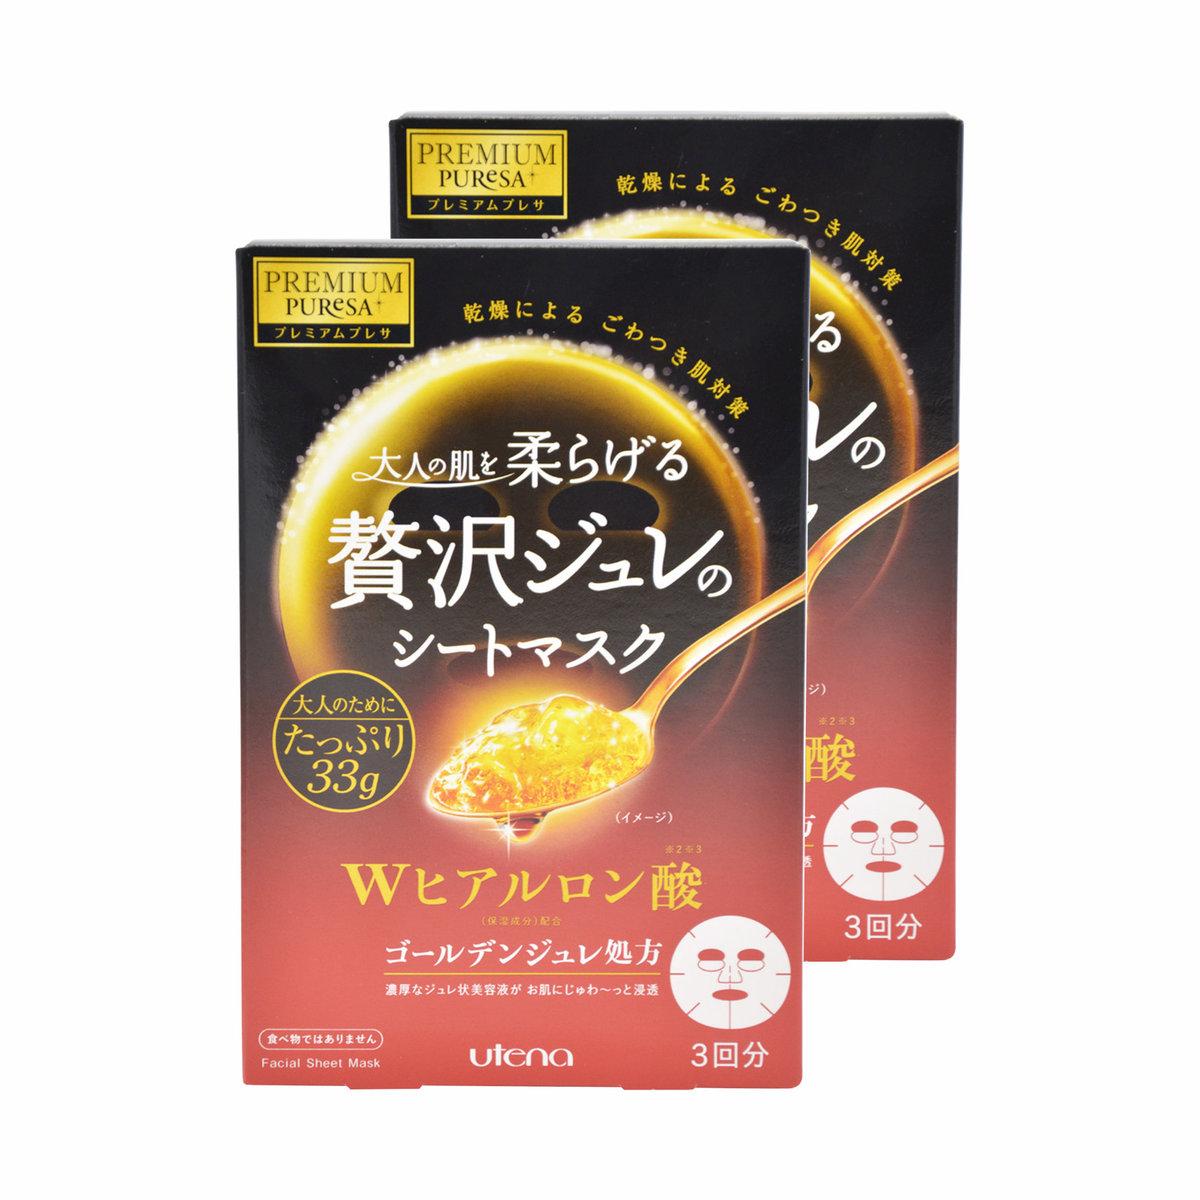 Premium Puresa 黃金凝膠面膜 (透明質酸) (3piece) (紅色) x2